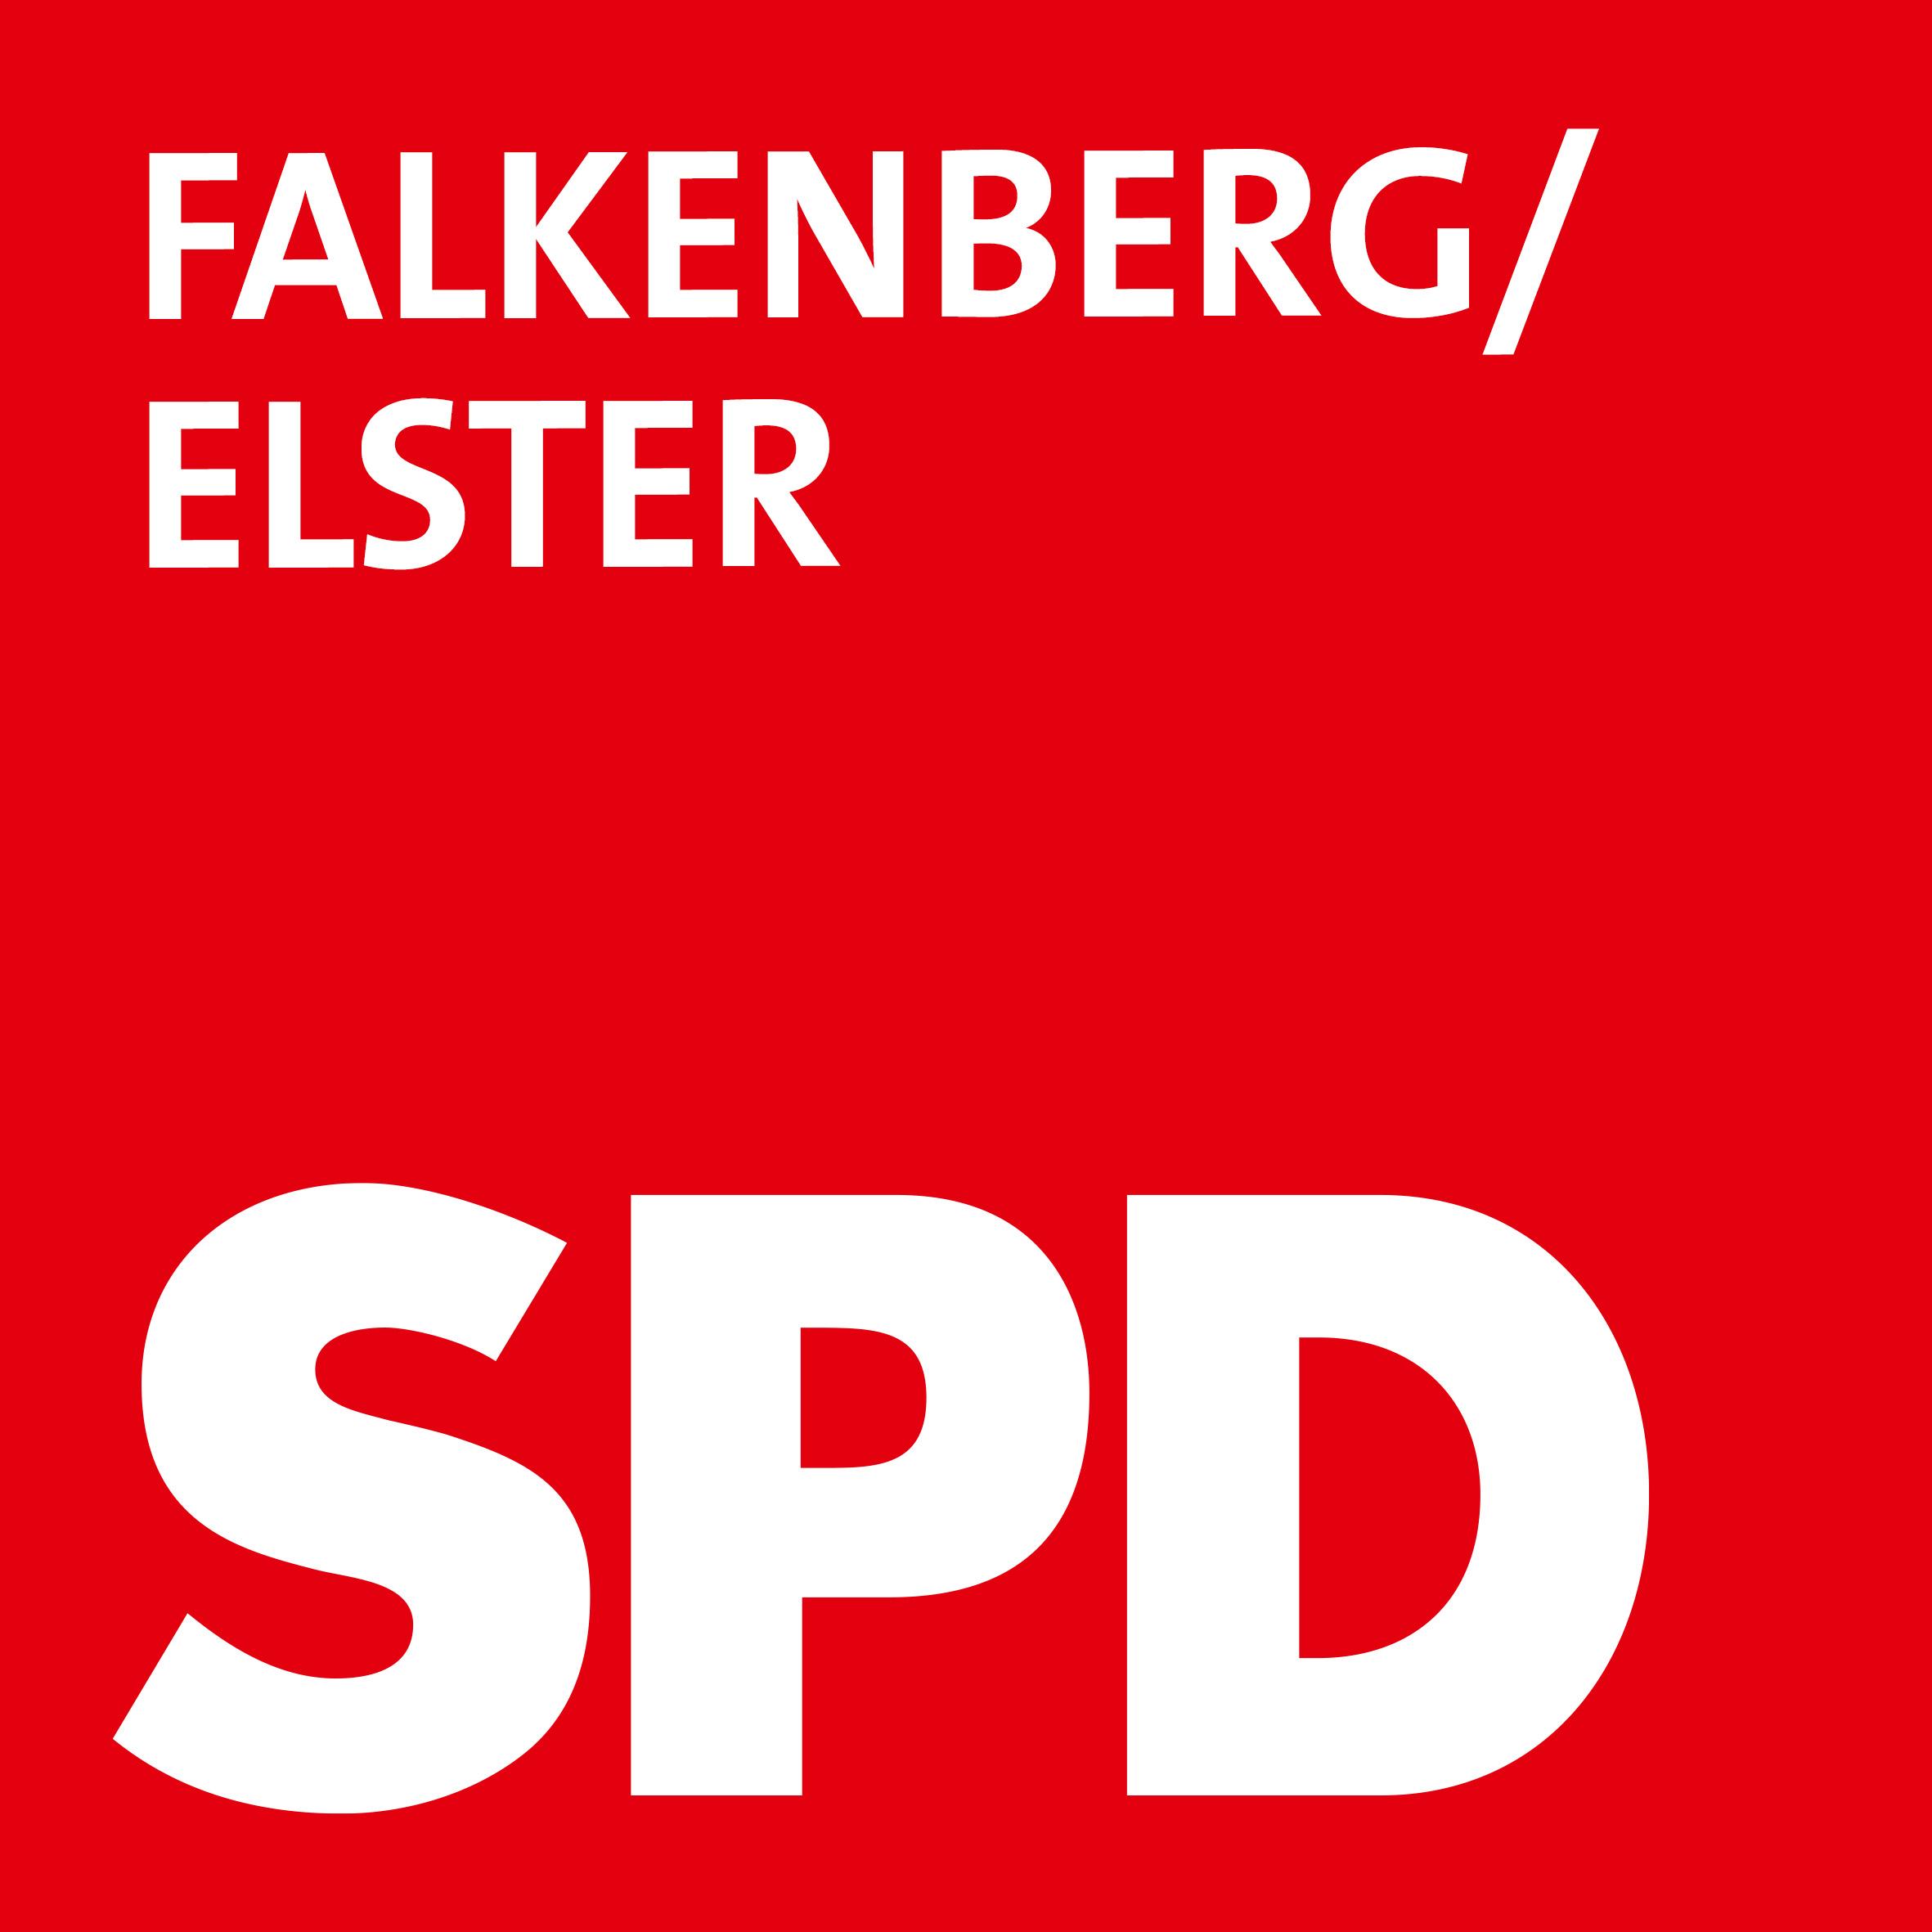 SPD Falkenberg/Elster